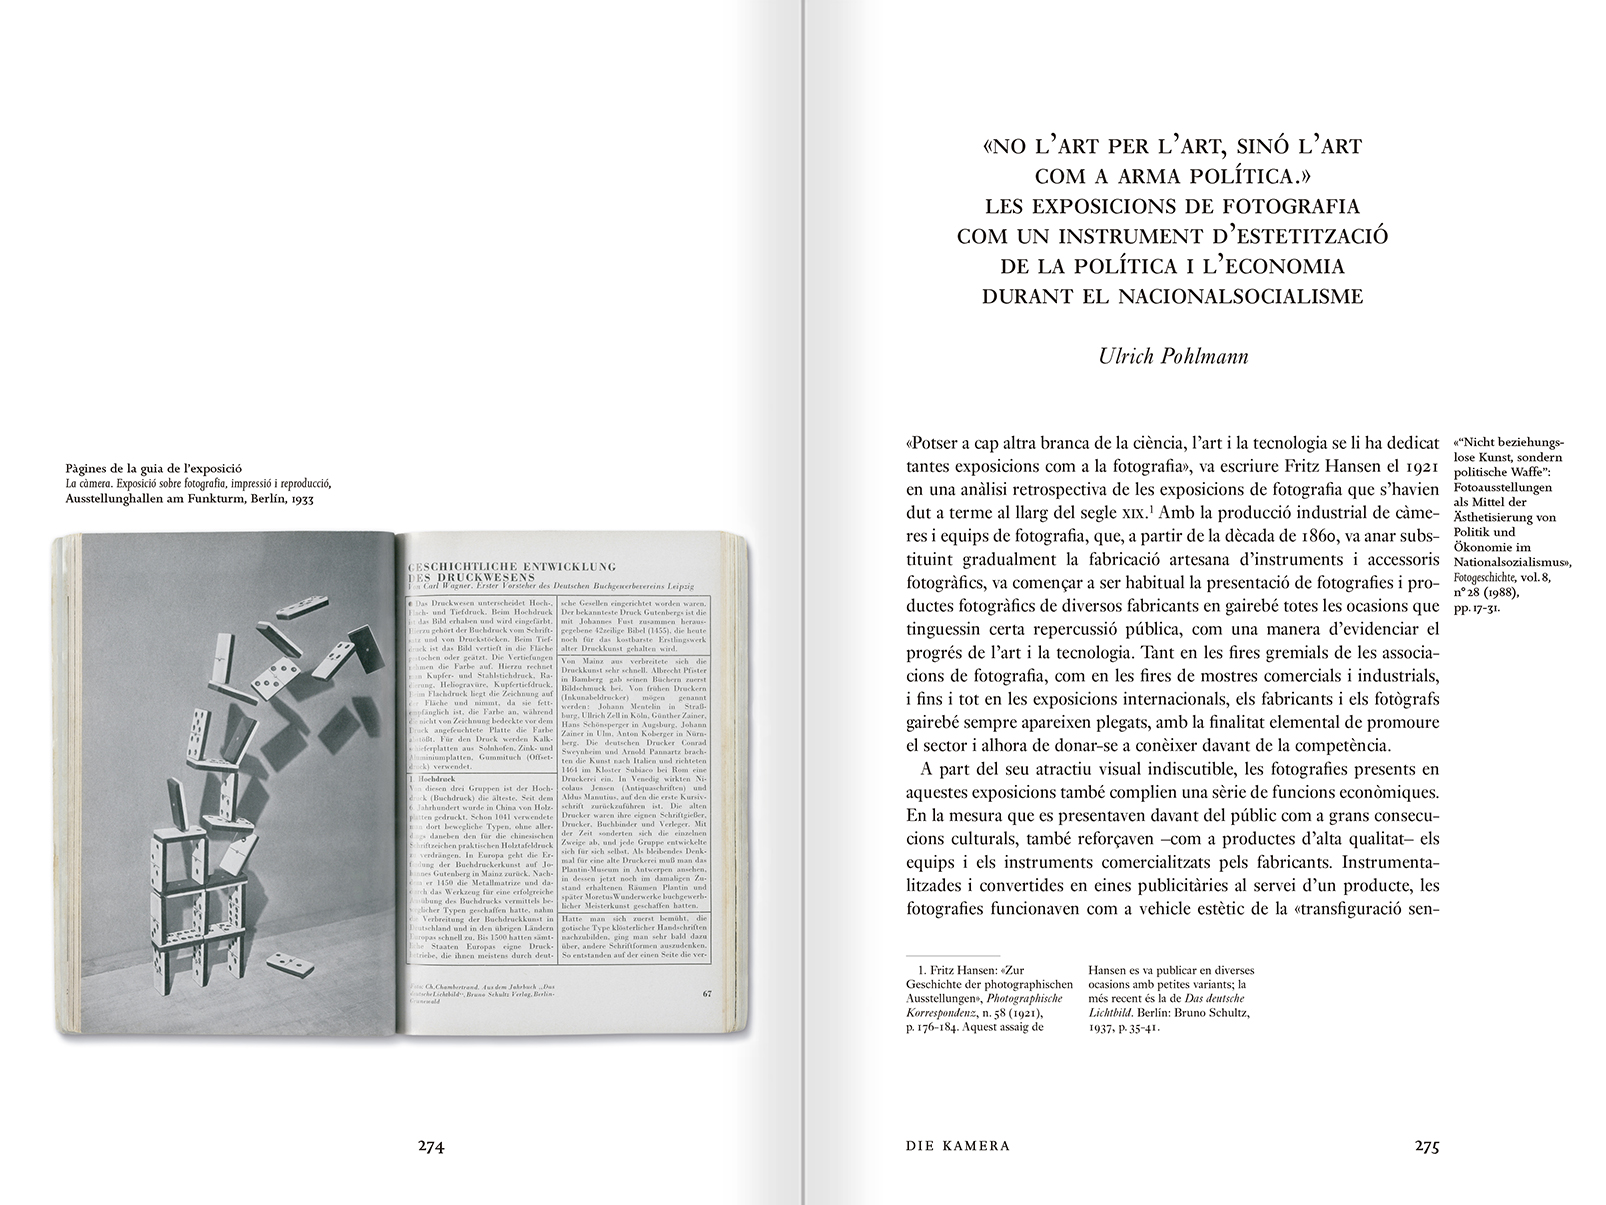 """Selección del catálogo """"Espacios fotográficos públicos. Exposiciones de propaganda, de Pressa a The Family of Man, 1928-1955"""" páginas 274 y 275"""